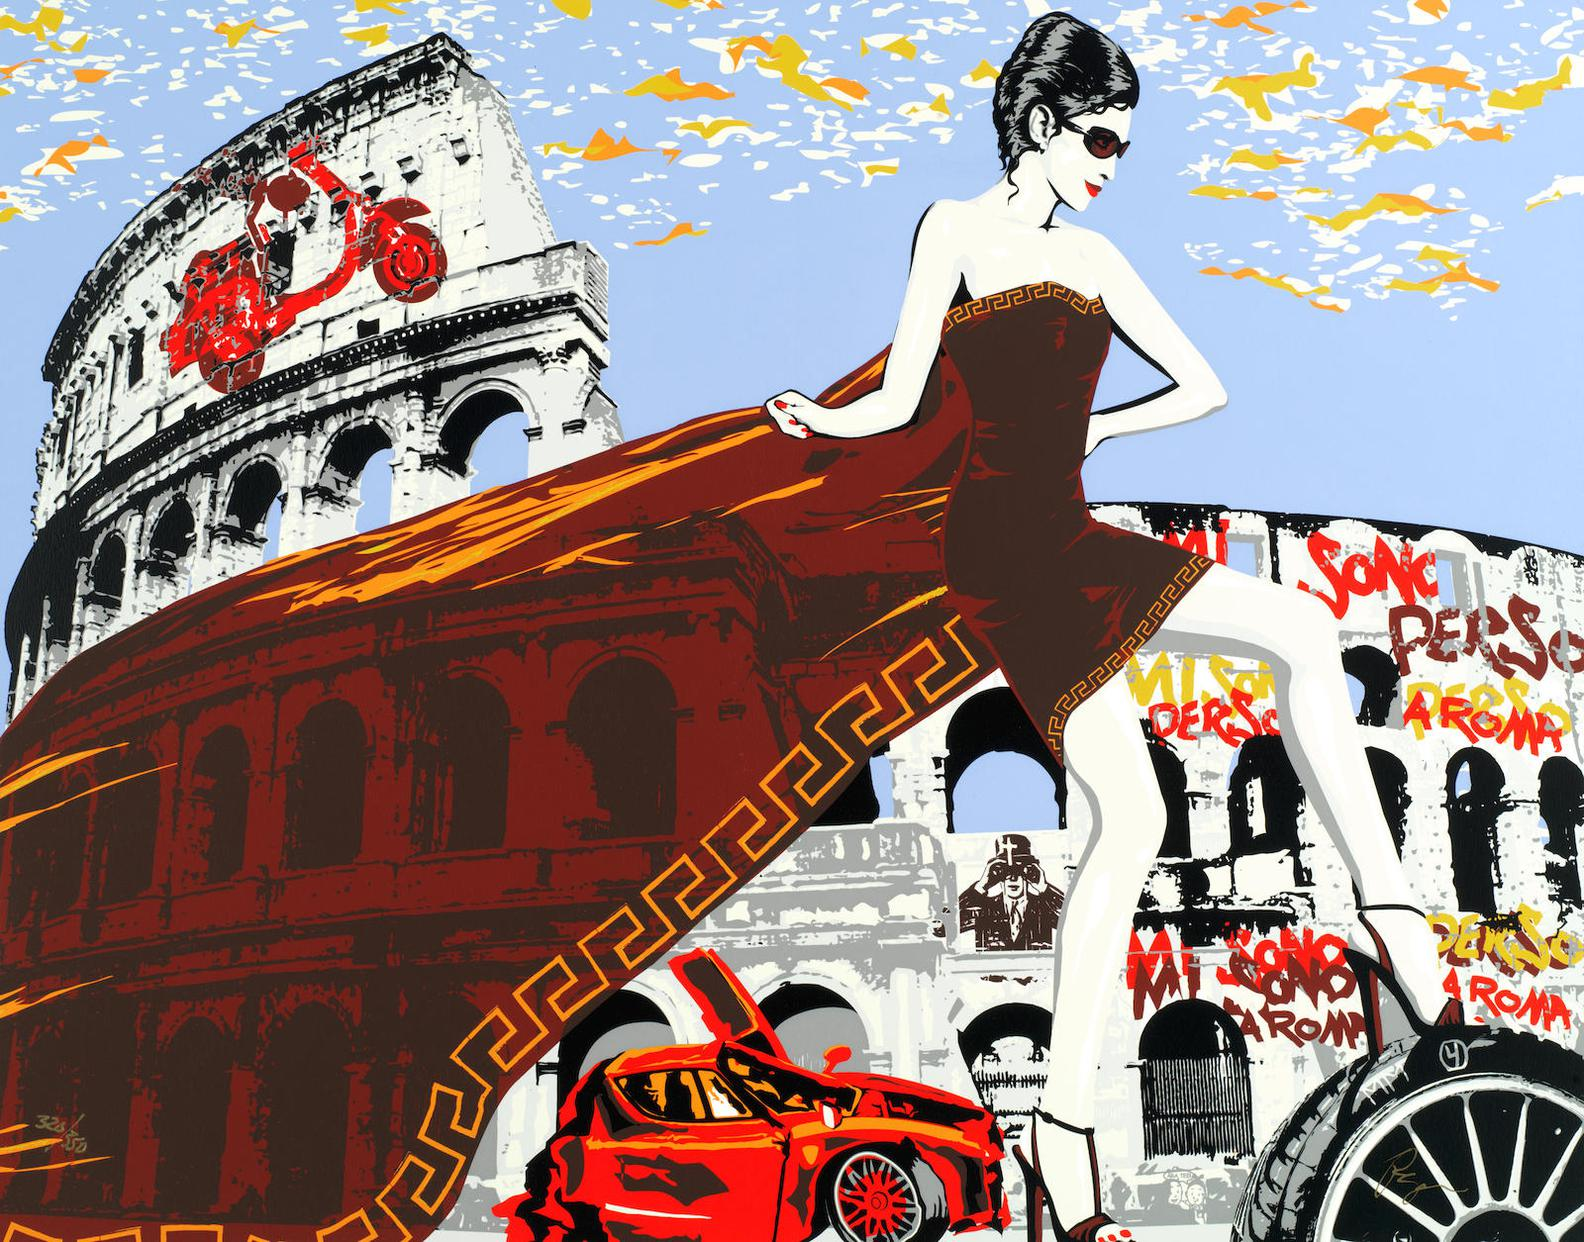 Richard Ryan-Mi Sono Perso A Roma-2013